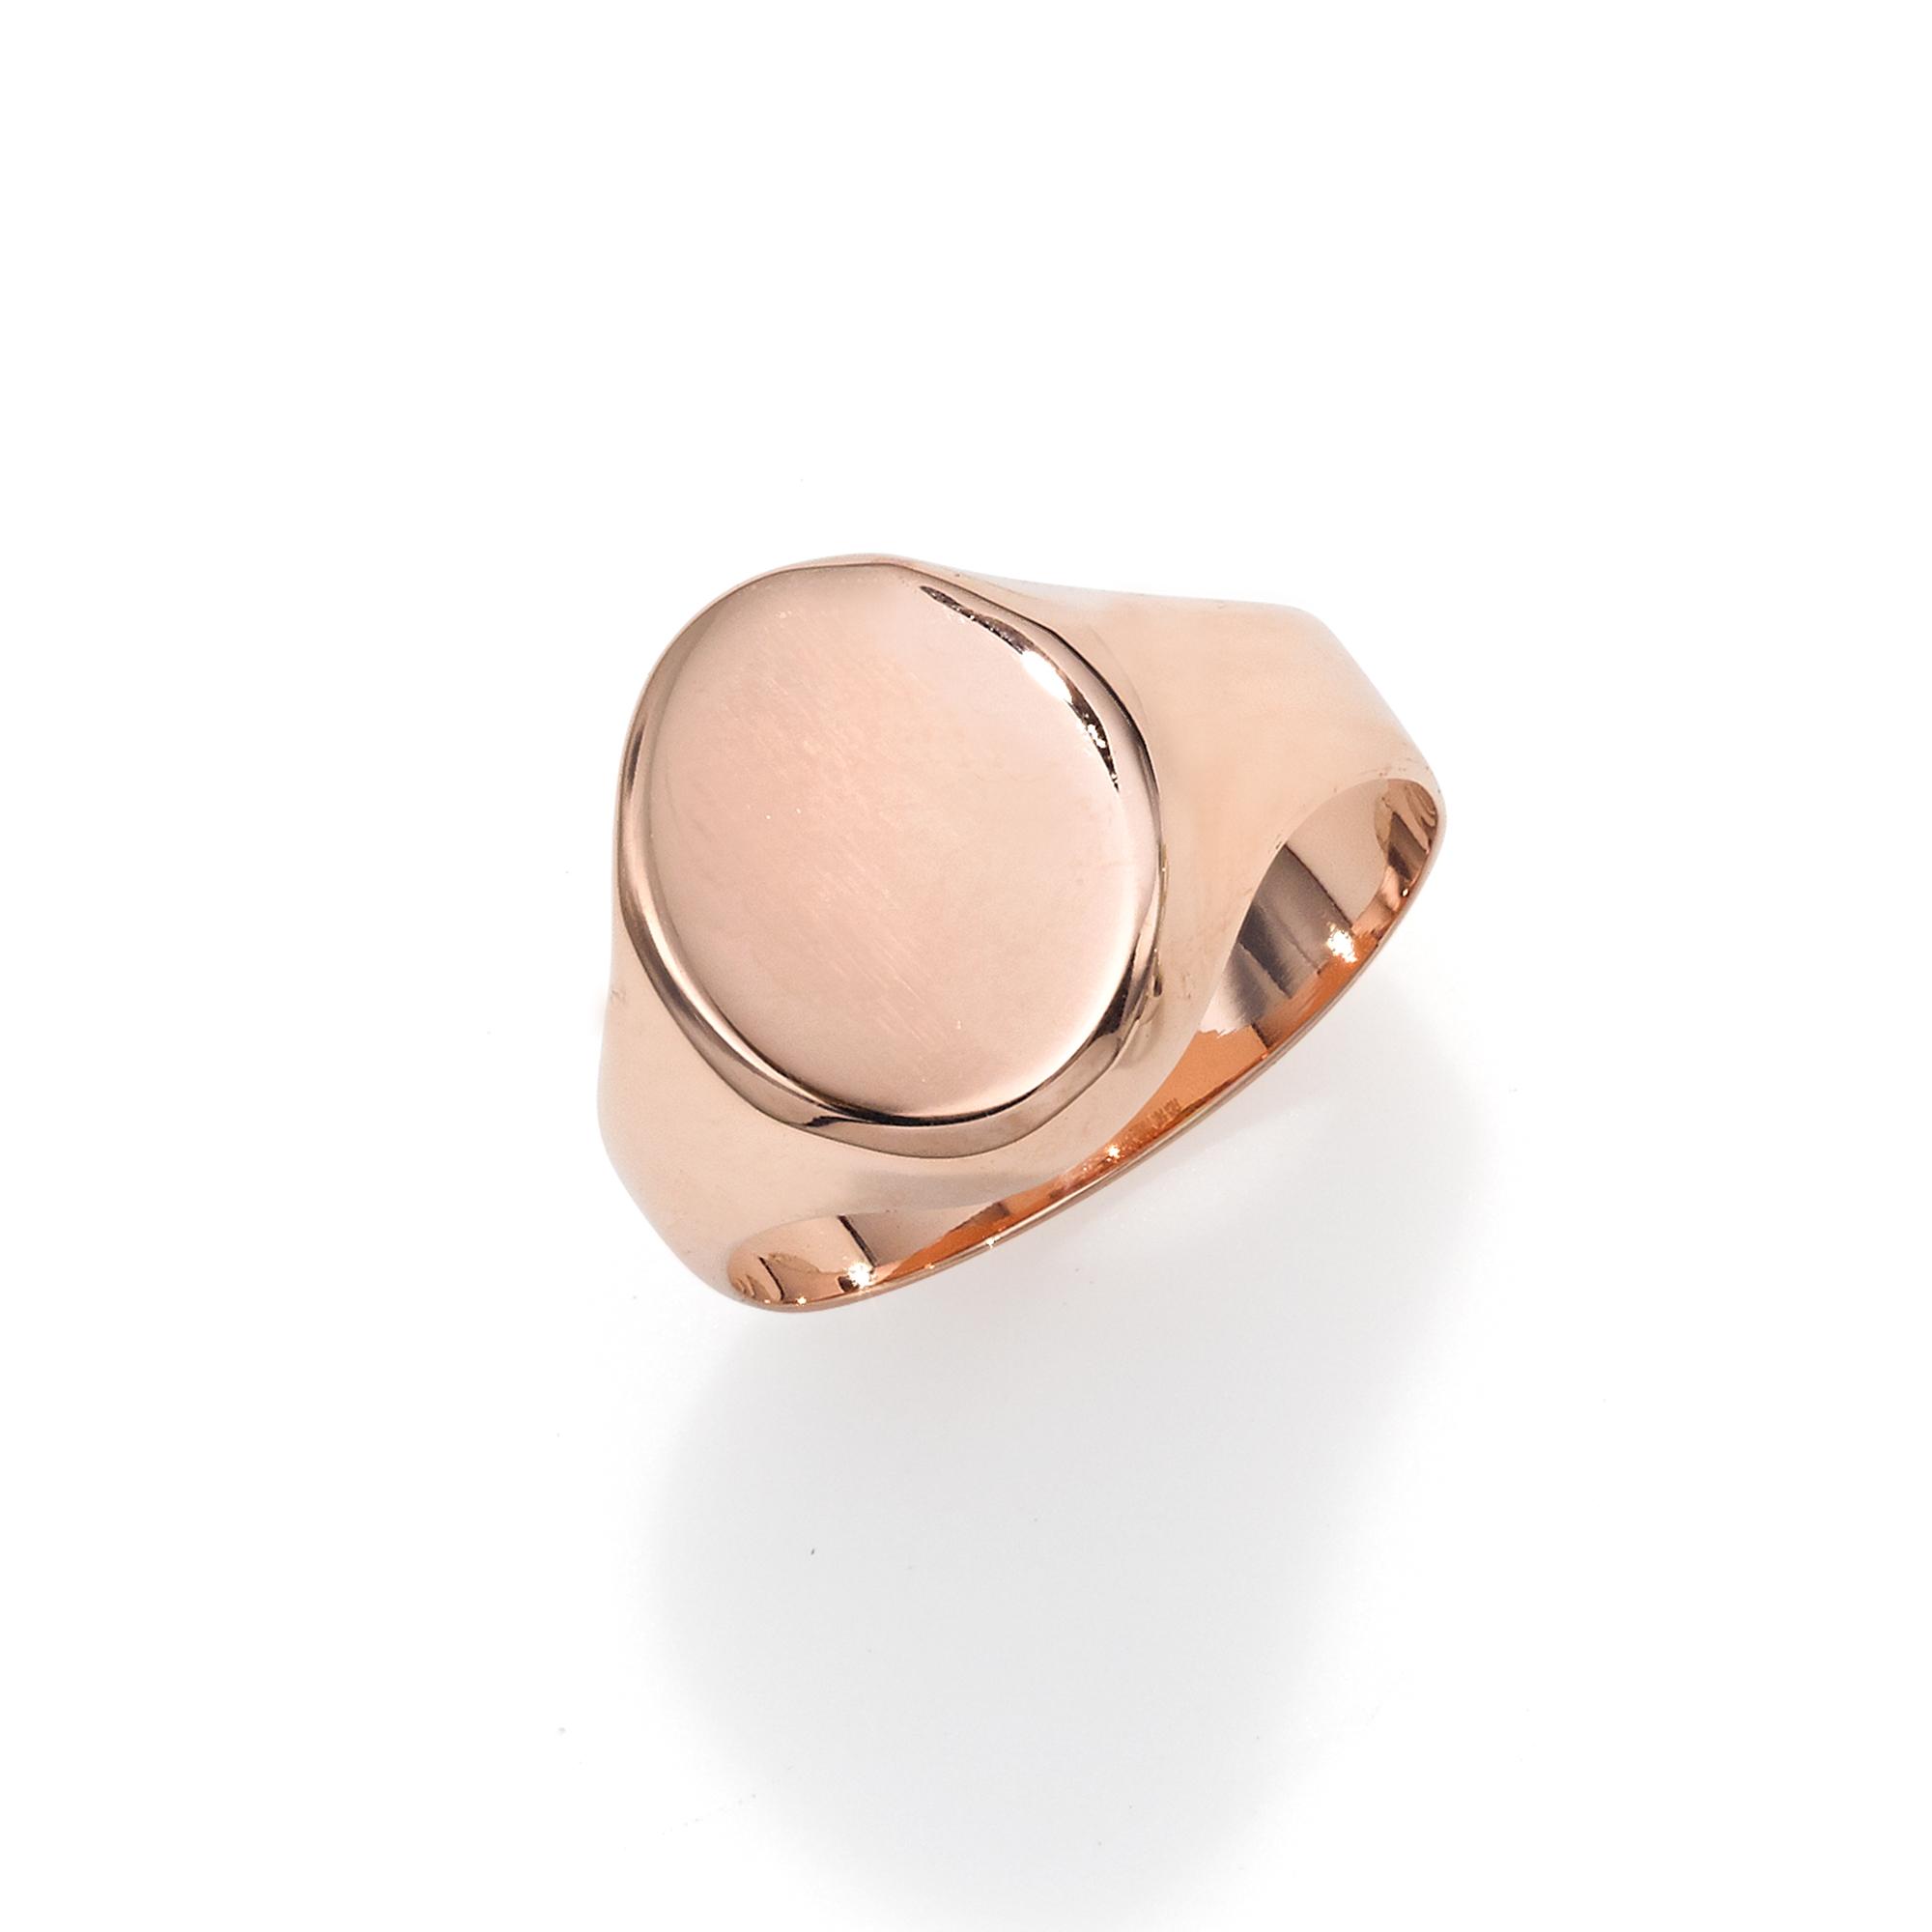 14k-gold-polished-oval-signet-ring-pr7068-07_ring